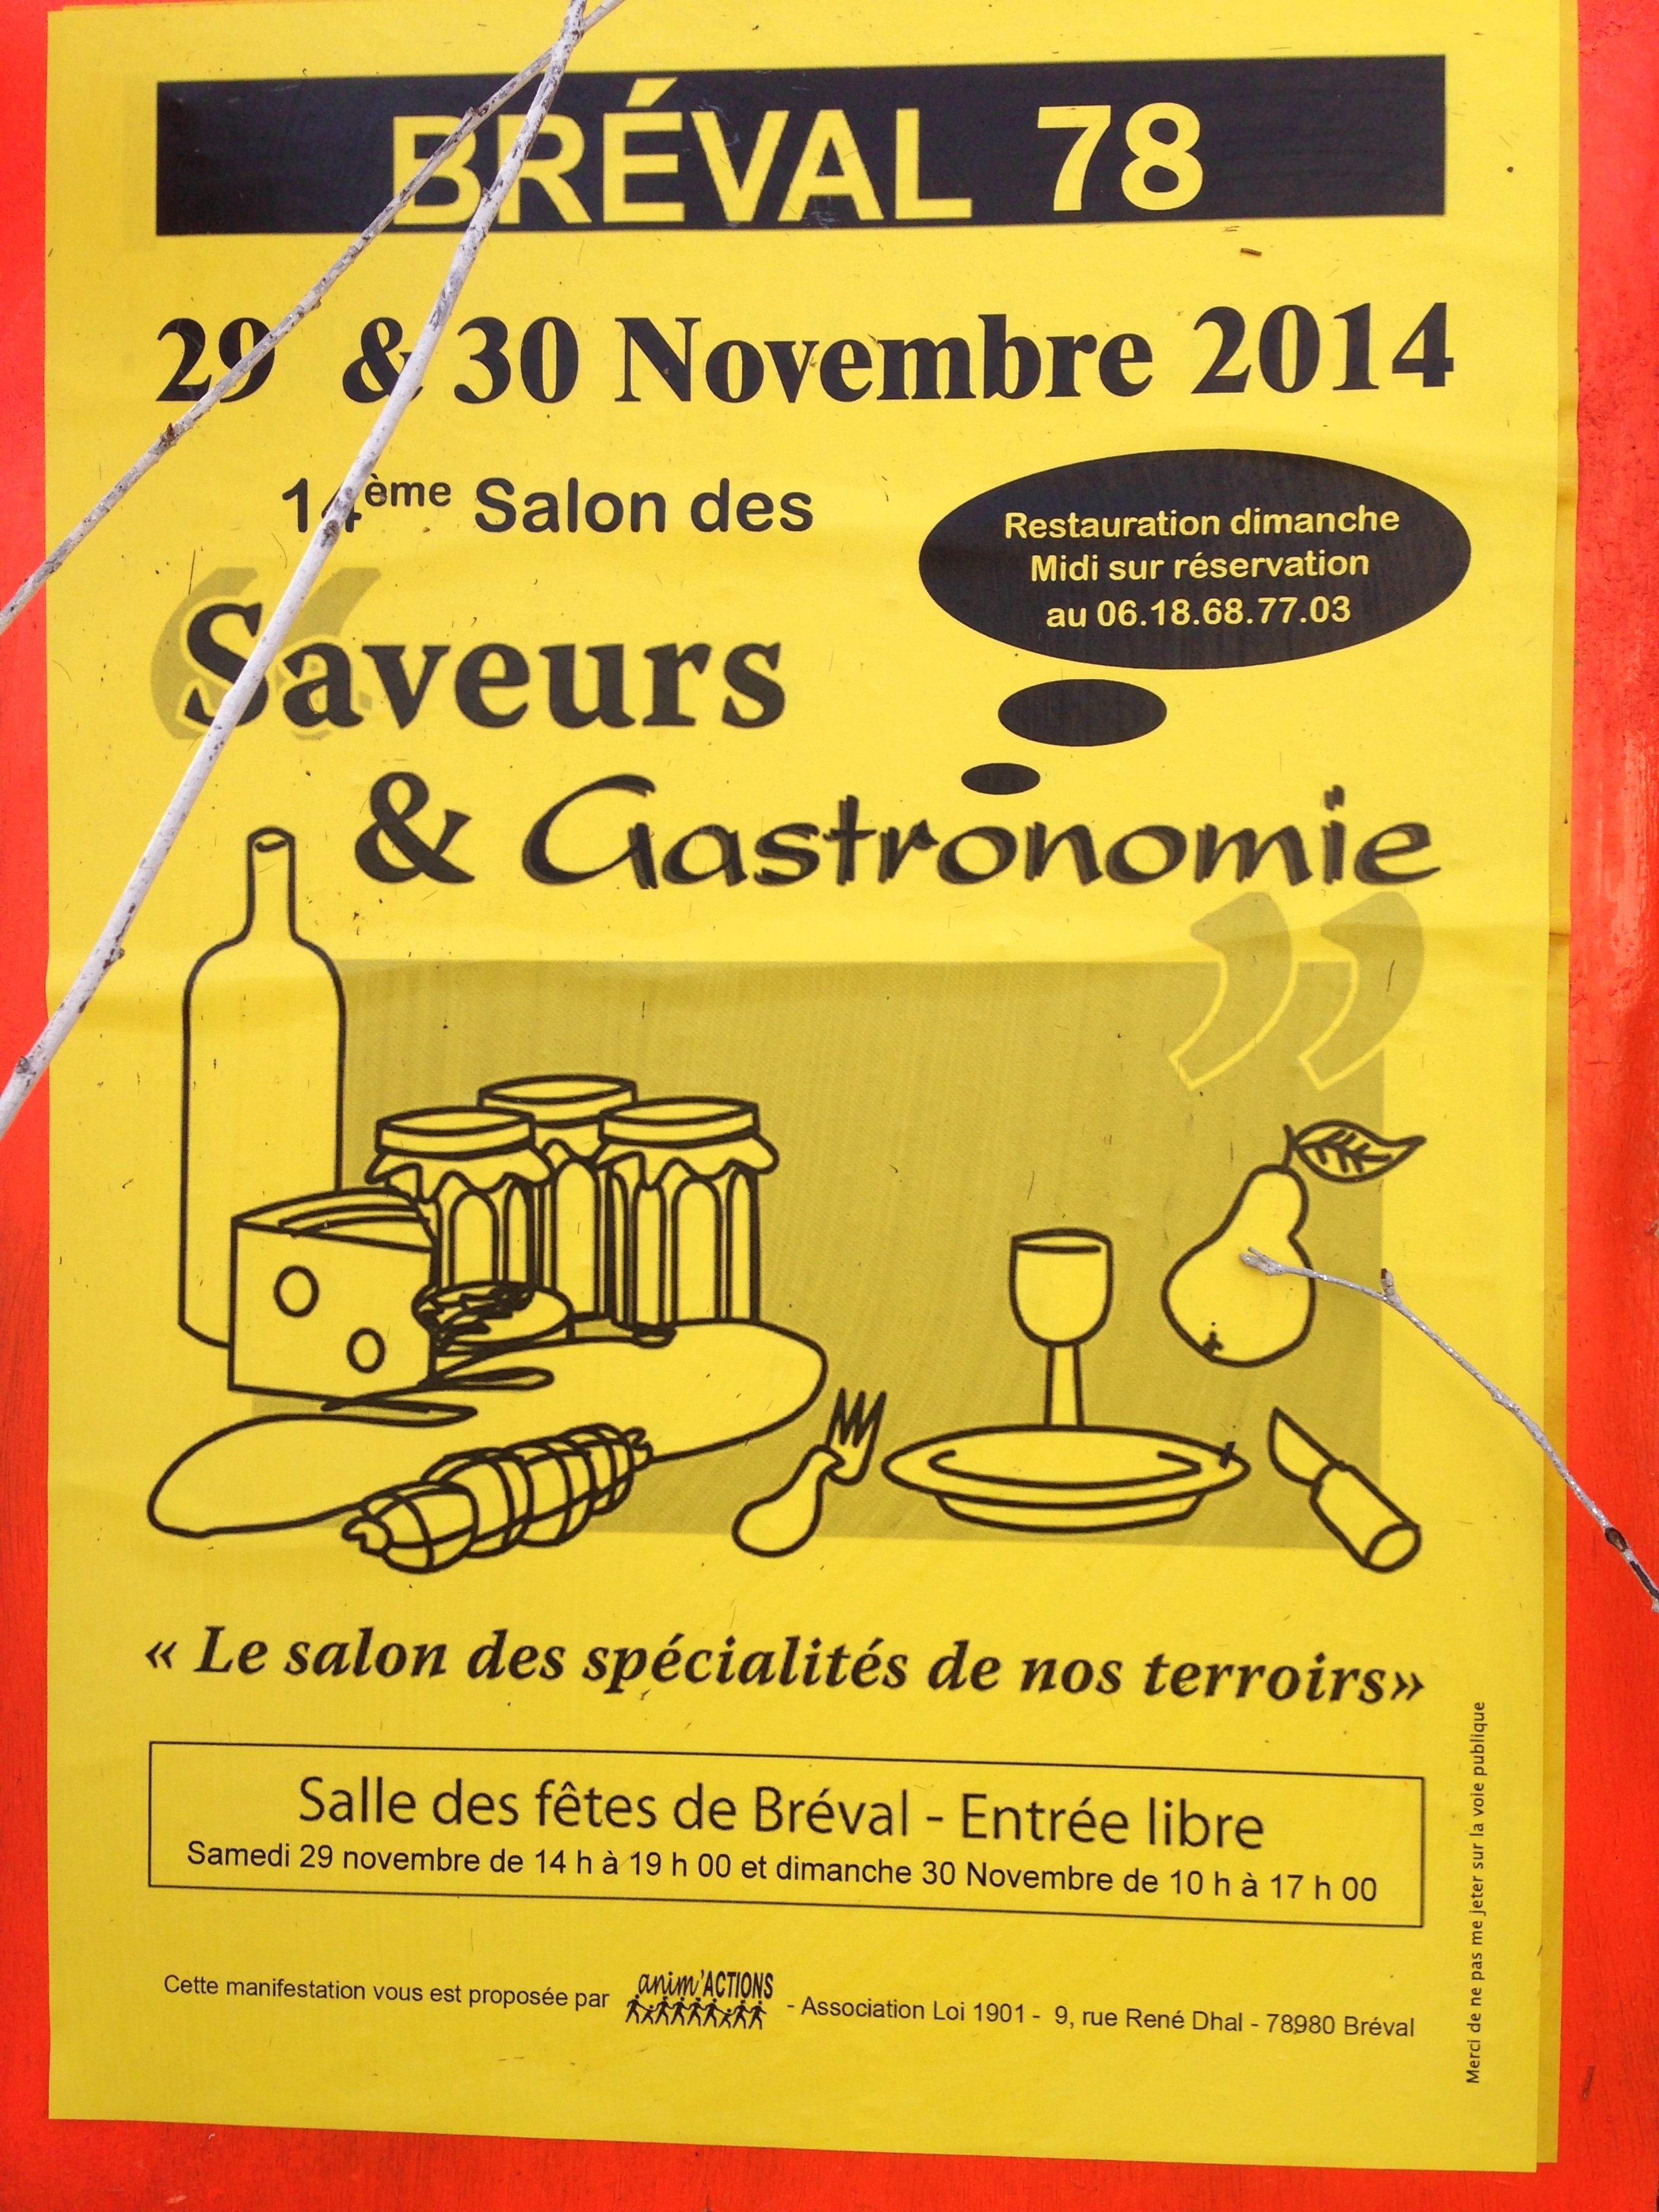 Salon des saveurs et gastronomie breval sevencuisine for Salon des saveurs